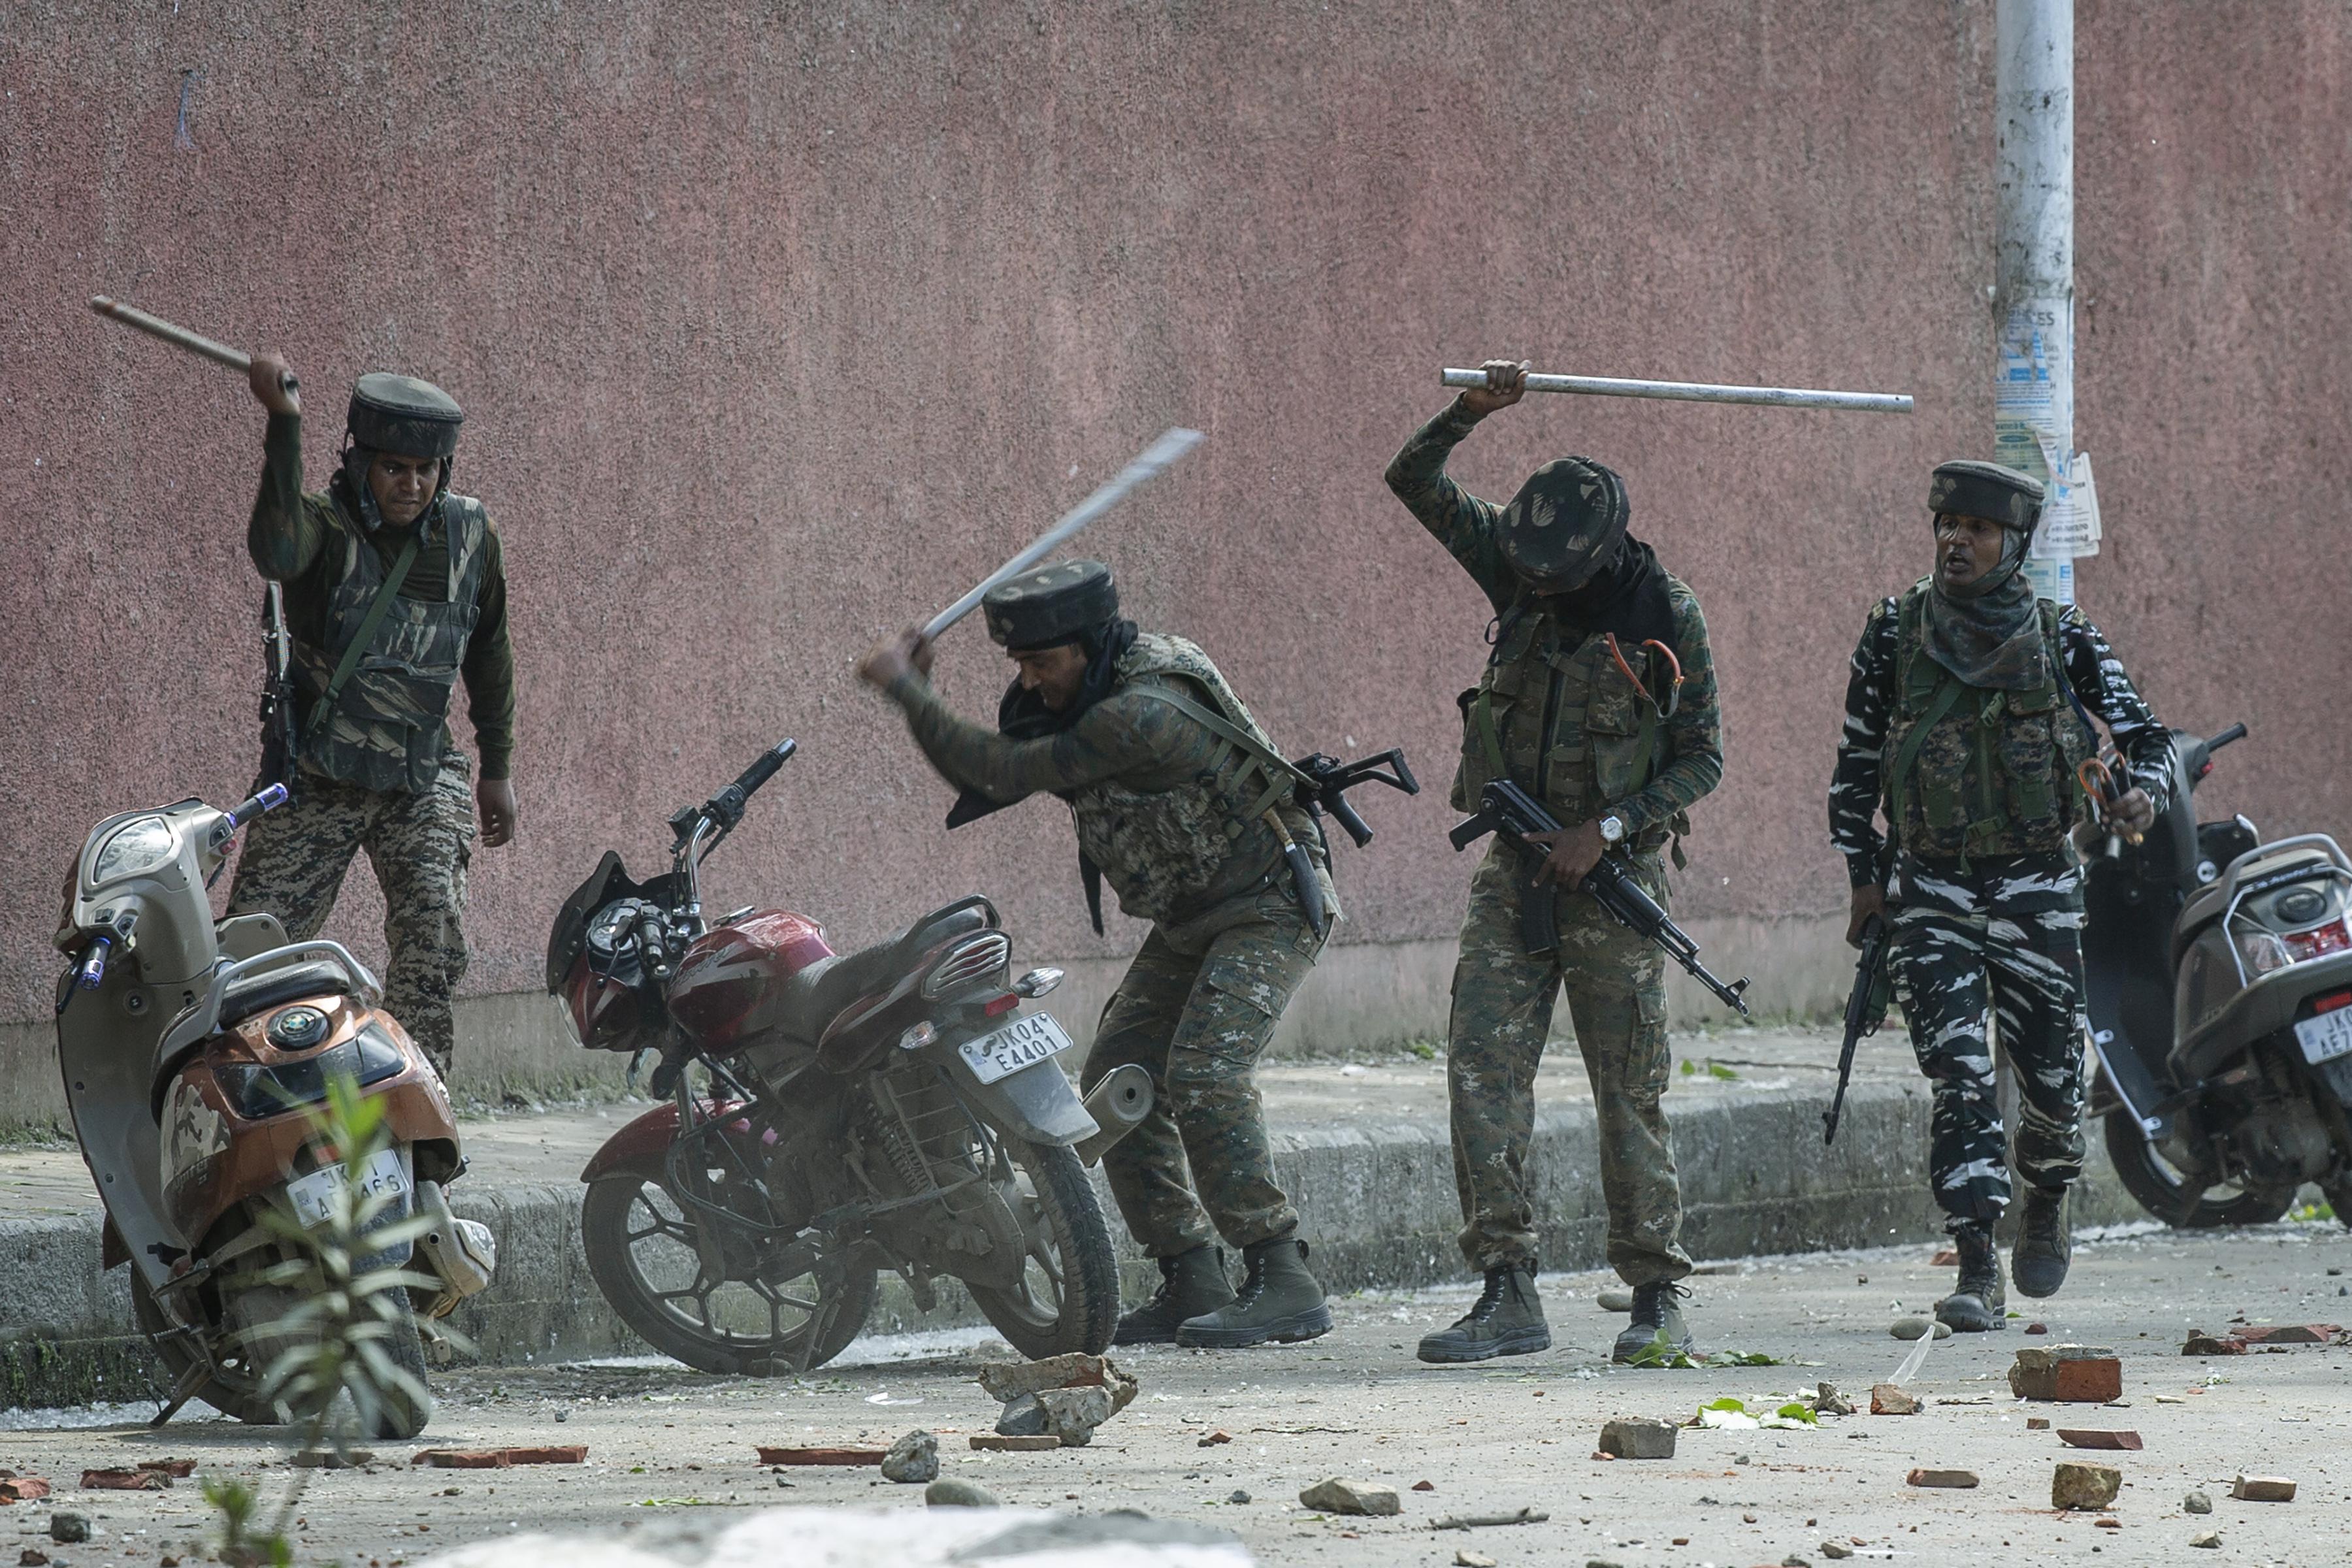 Soldados paramilitares indios rompen motocicletas estacionadas afuera de una universidad mientras chocan con estudiantes que protestaban por la presunta violación de una niña de 3 años en Srinagar, Cachemira controlada por la India, 14 de mayo de 2019. (Foto AP / Dar Yasin)